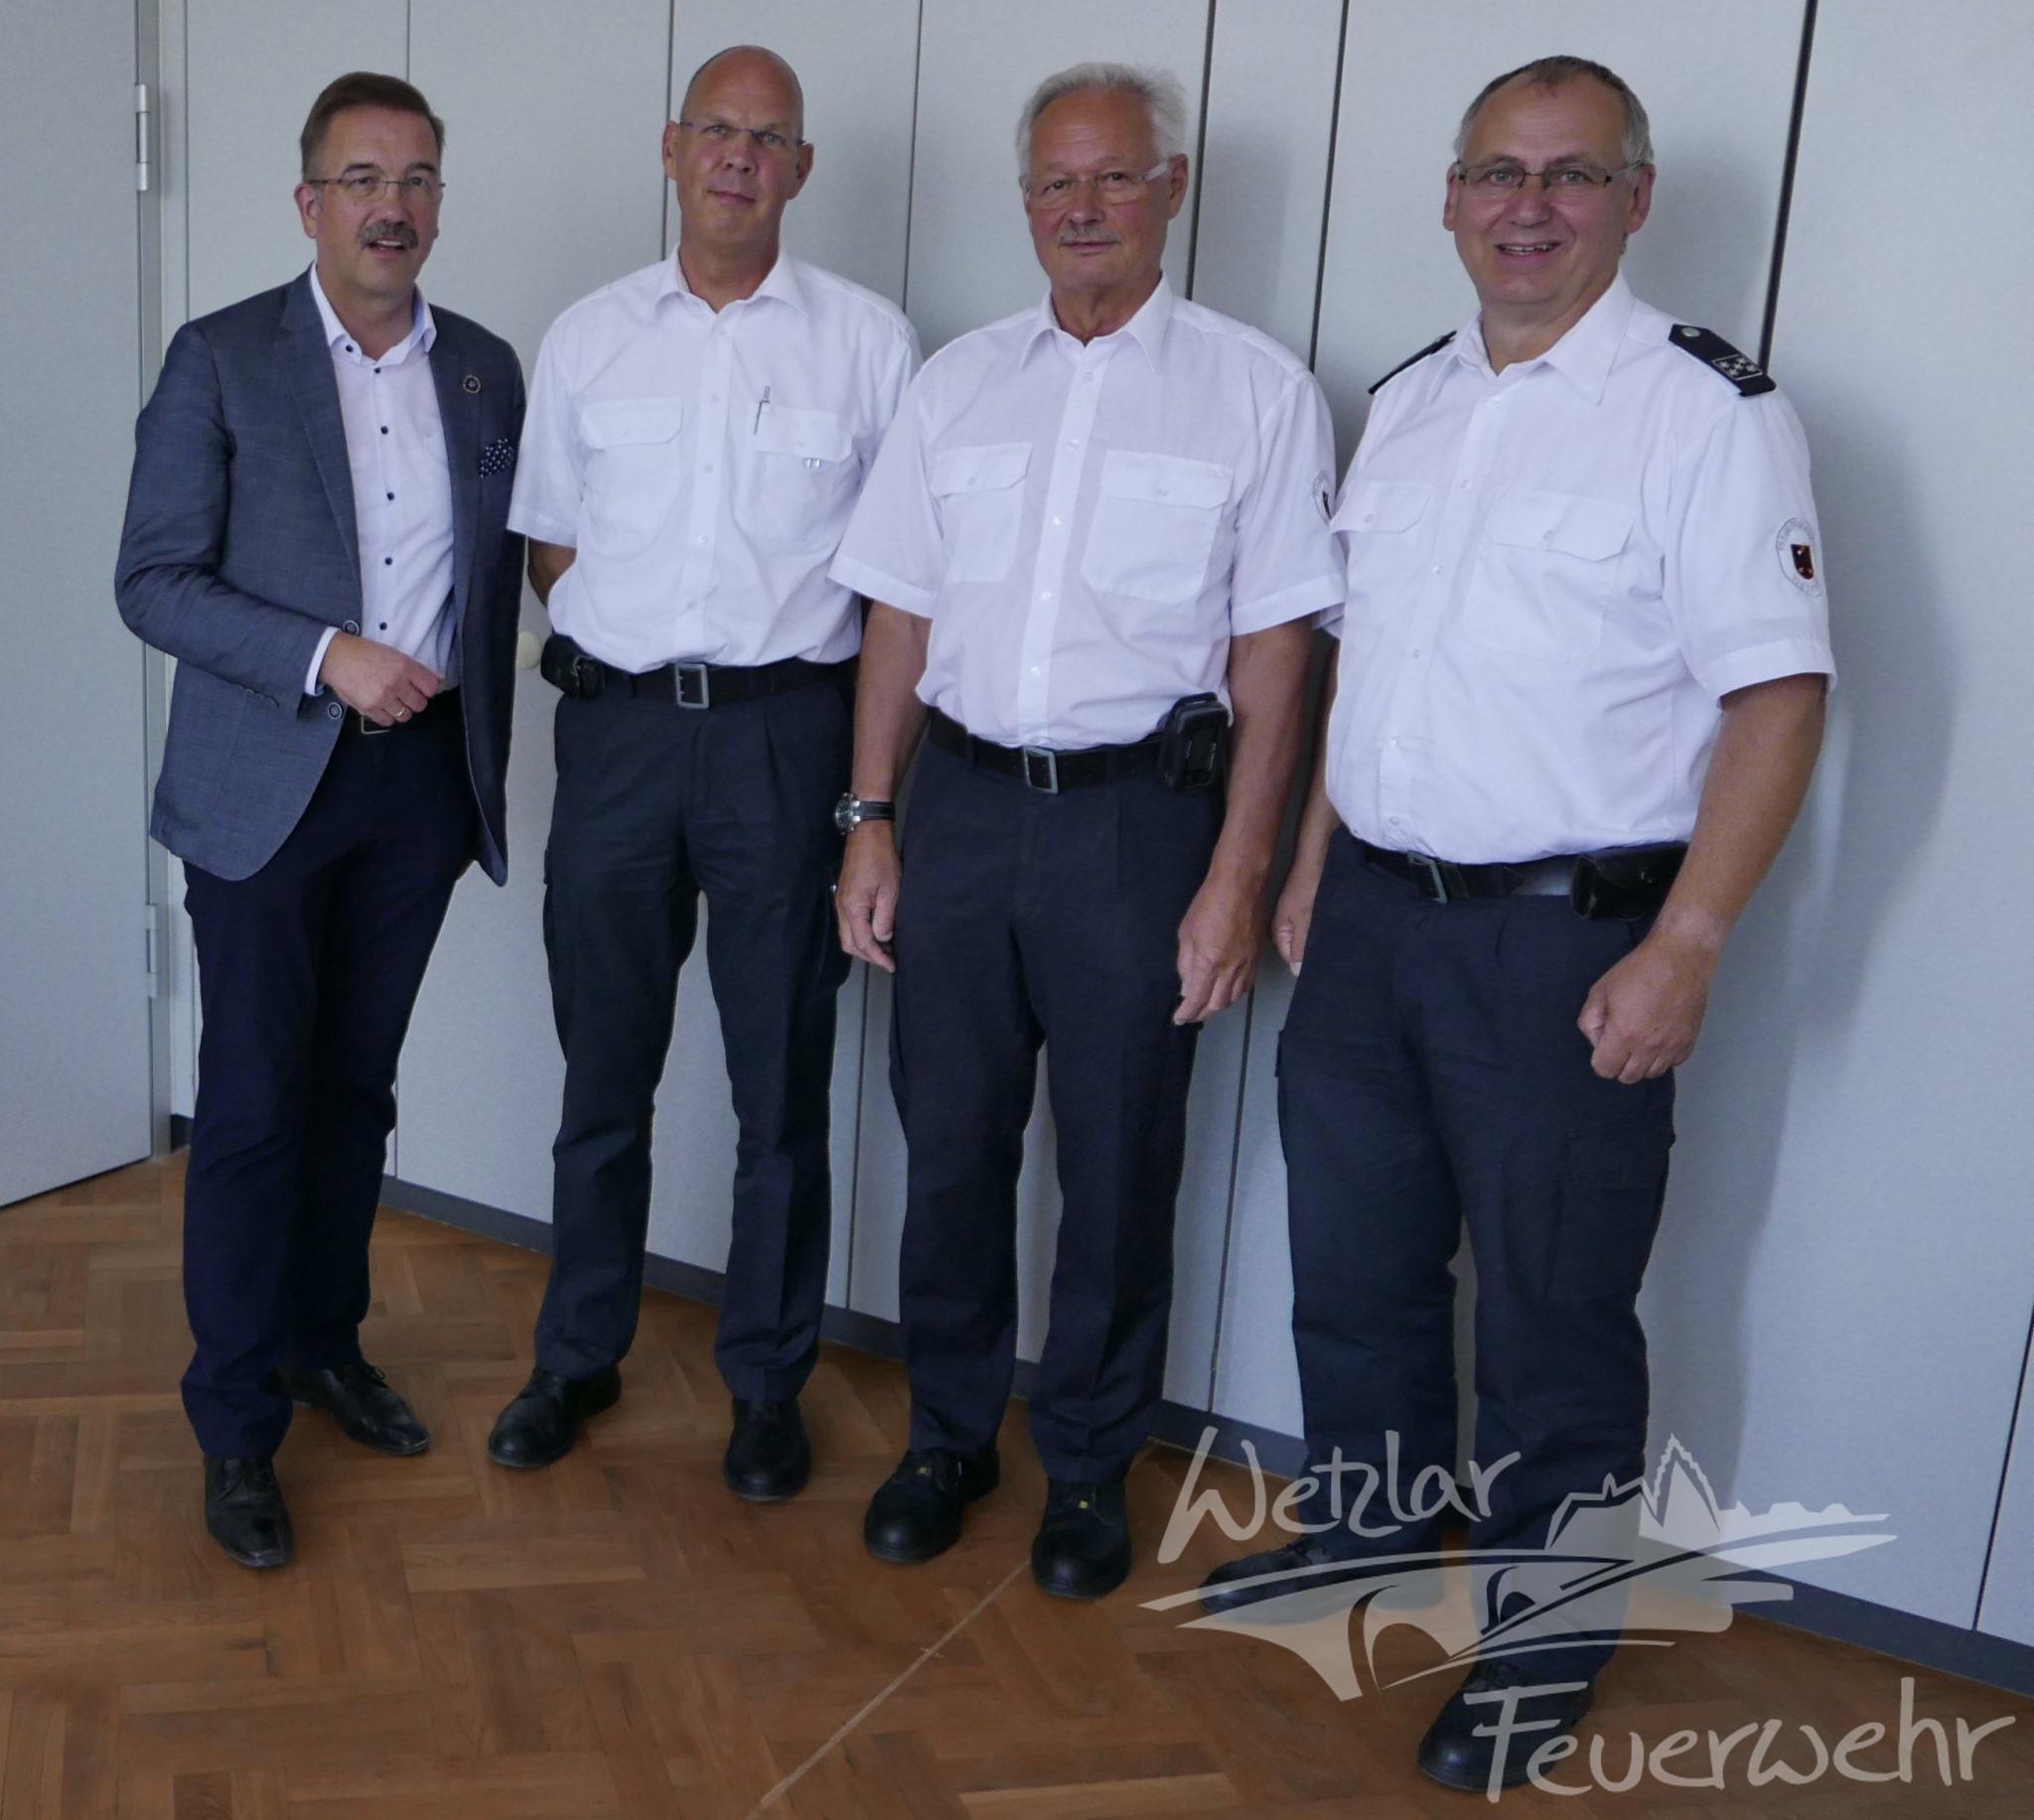 Die Feuerwehr Wetzlar hat einen neuen Stellvertretenden Leiter